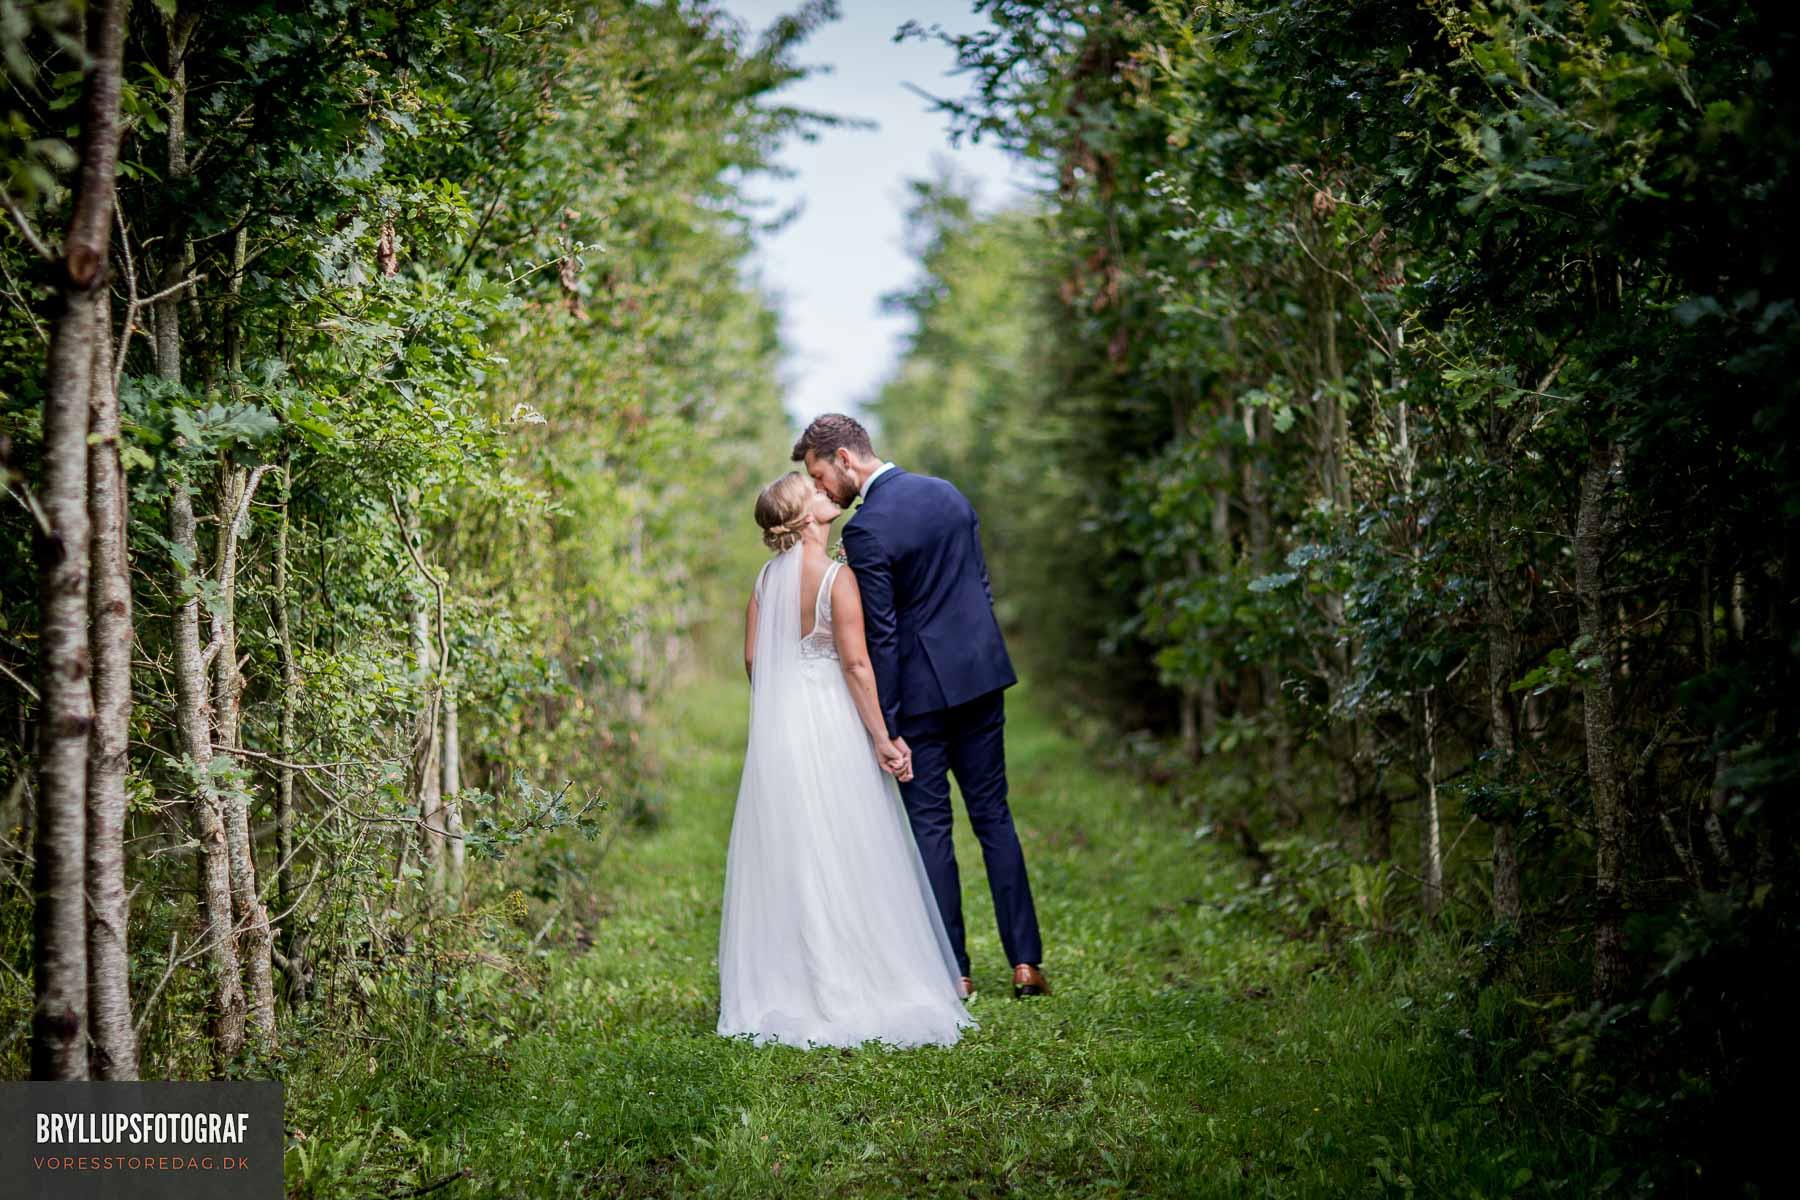 Tips og idéer til jeres bryllup. Som bryllupsfotograf er jeg med til mange bryllupper hvert år. I min bryllupsblog giver jeg tips og idéer til jeres bryllup